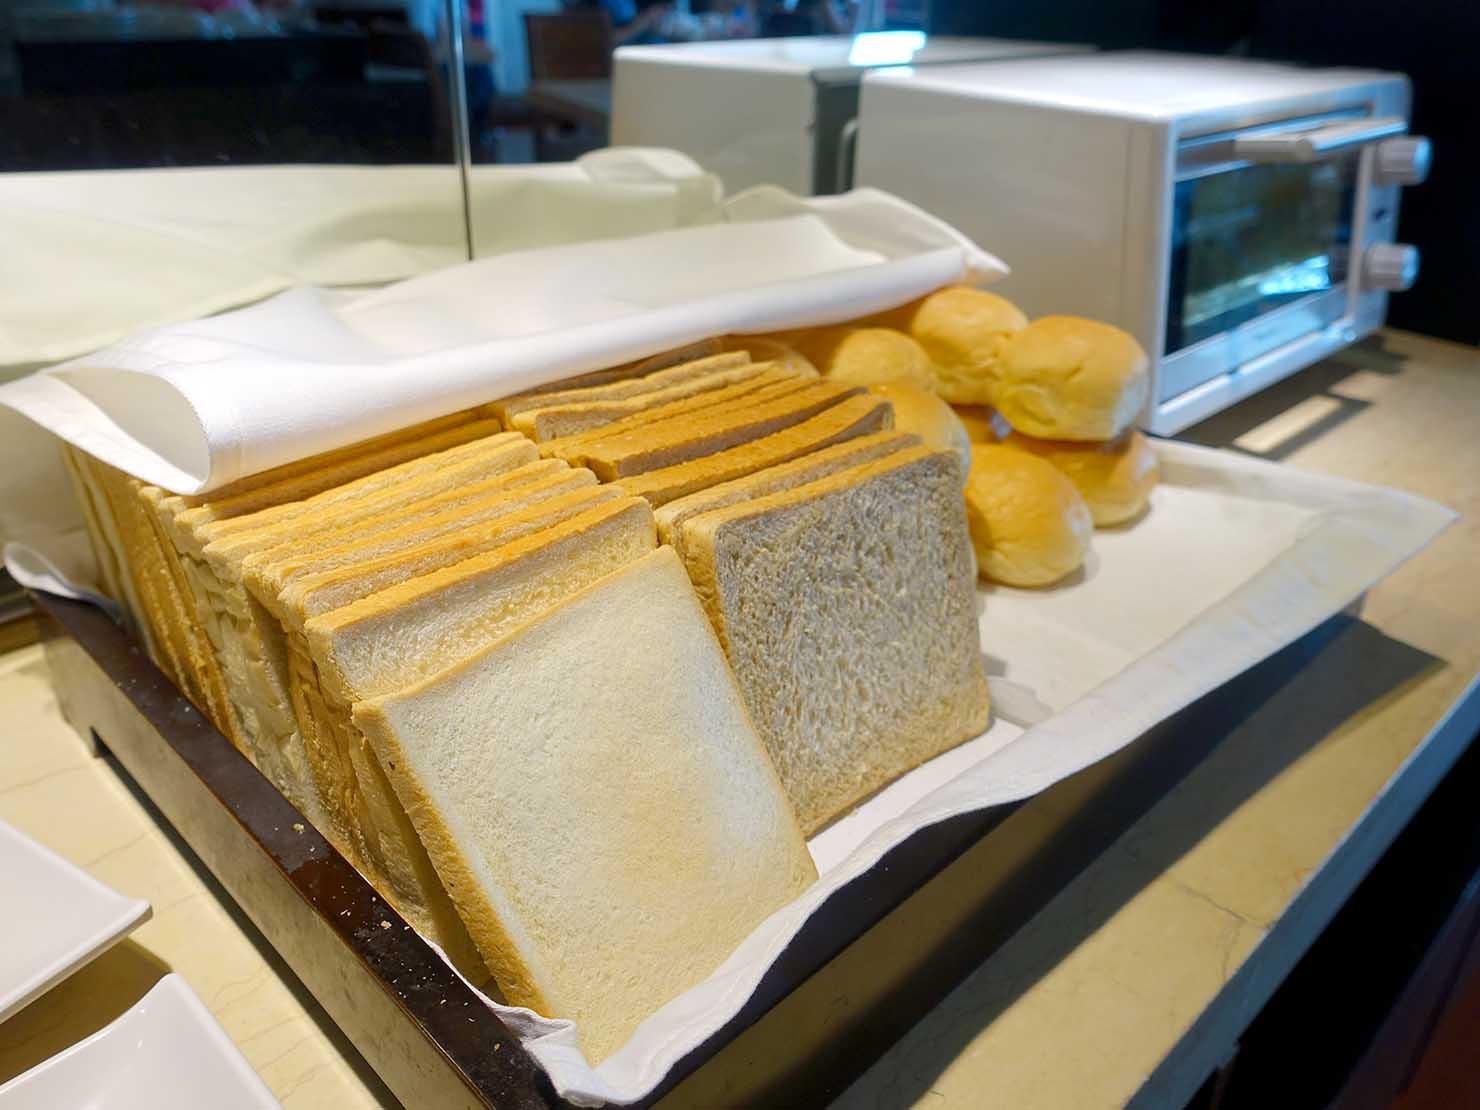 花蓮市街中心部にあるホテル「馥麗生活旅店 Quality Inn」朝ごはんのパン